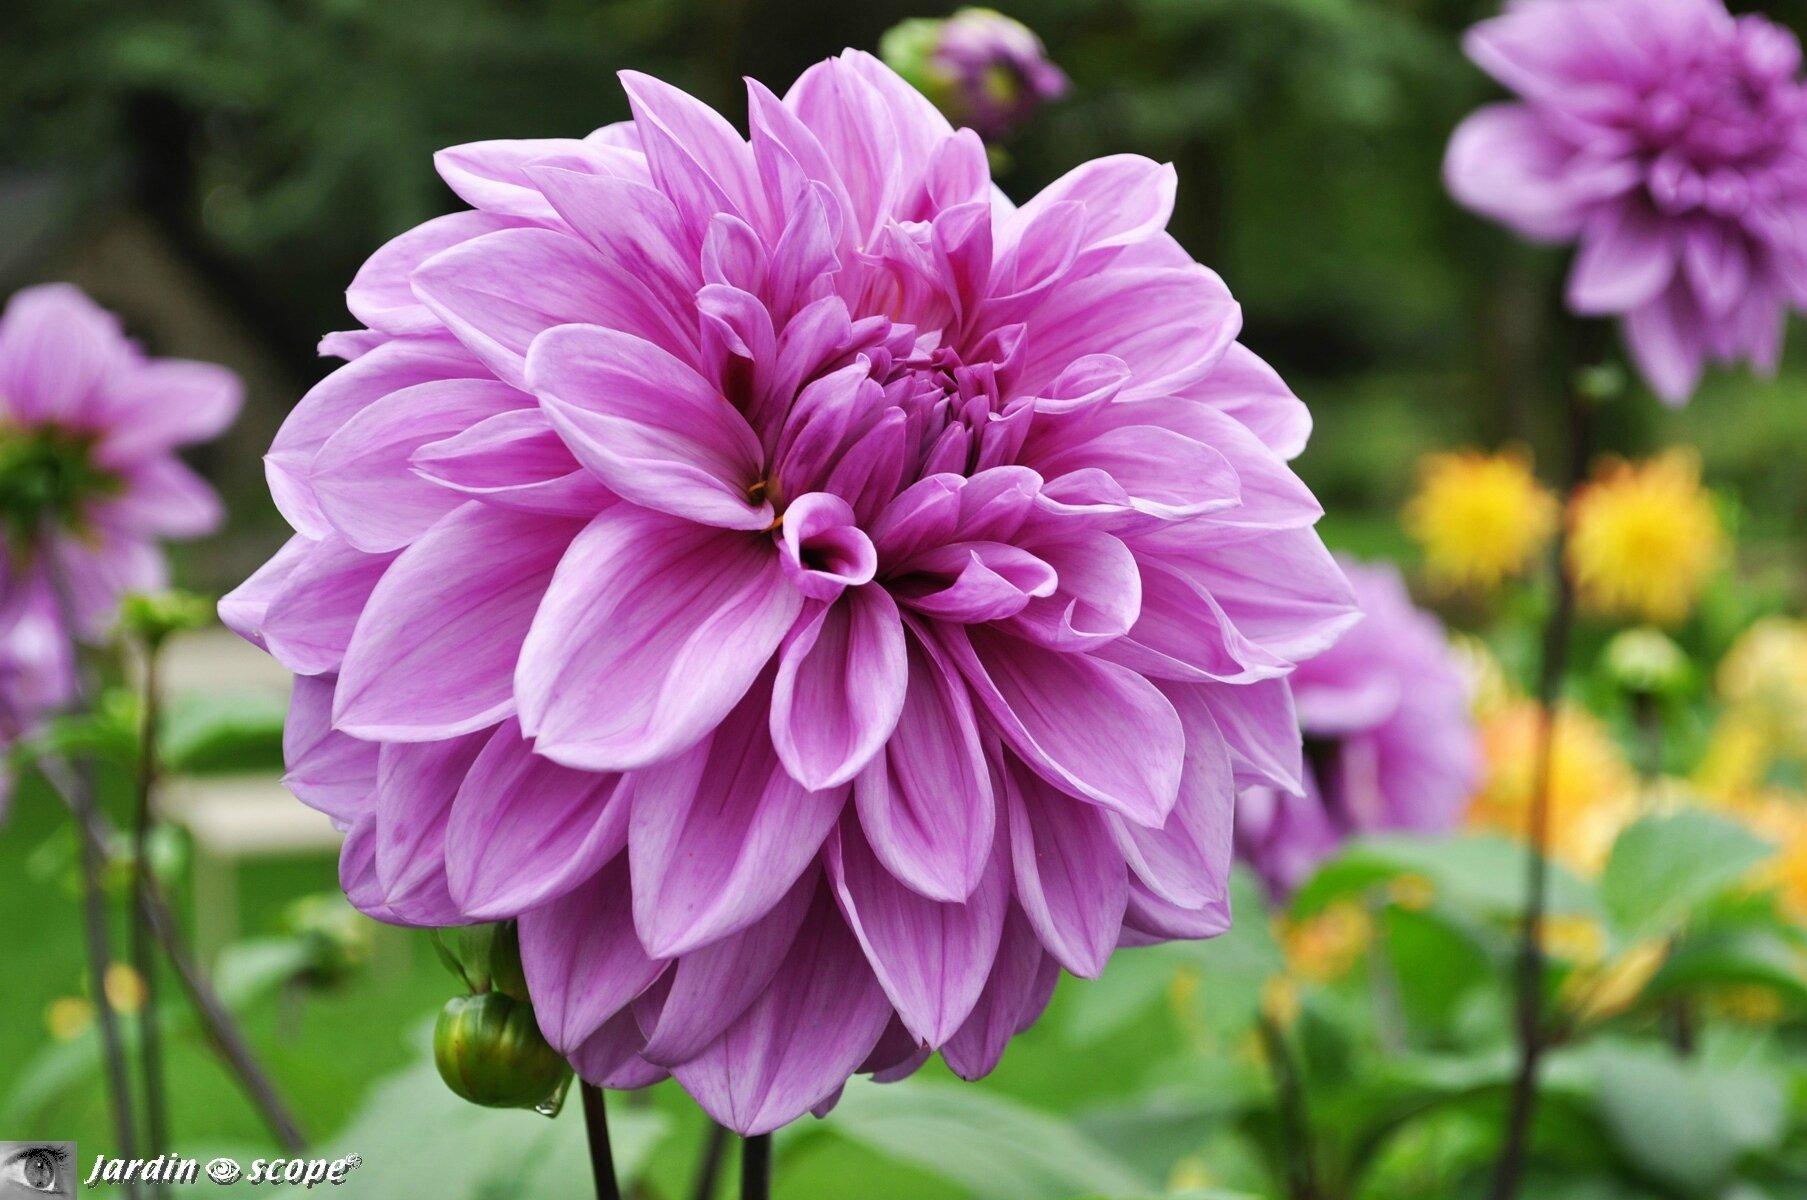 Dahlia Lilac-Time